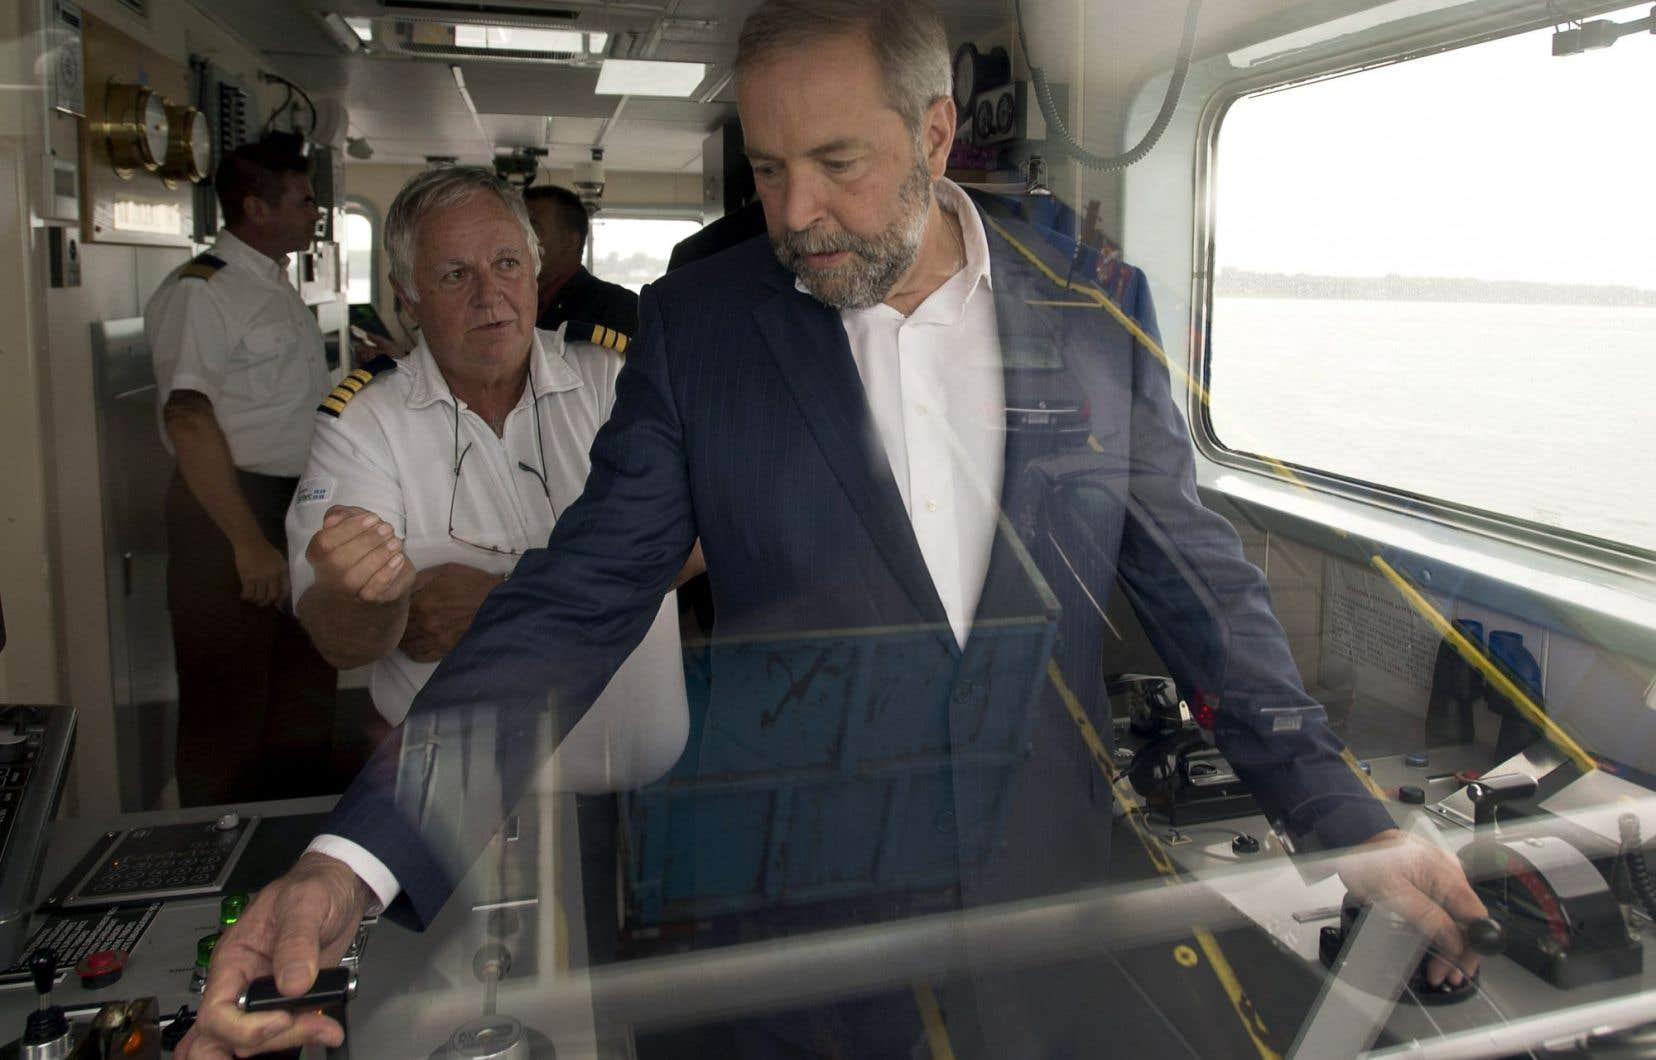 Près de deux semaines après le lancement de la campagne électorale, Thomas Mulcair semble bien aux commandes de la course, en avance dans les sondages — tant au Québec que dans l'ensemble du Canada.